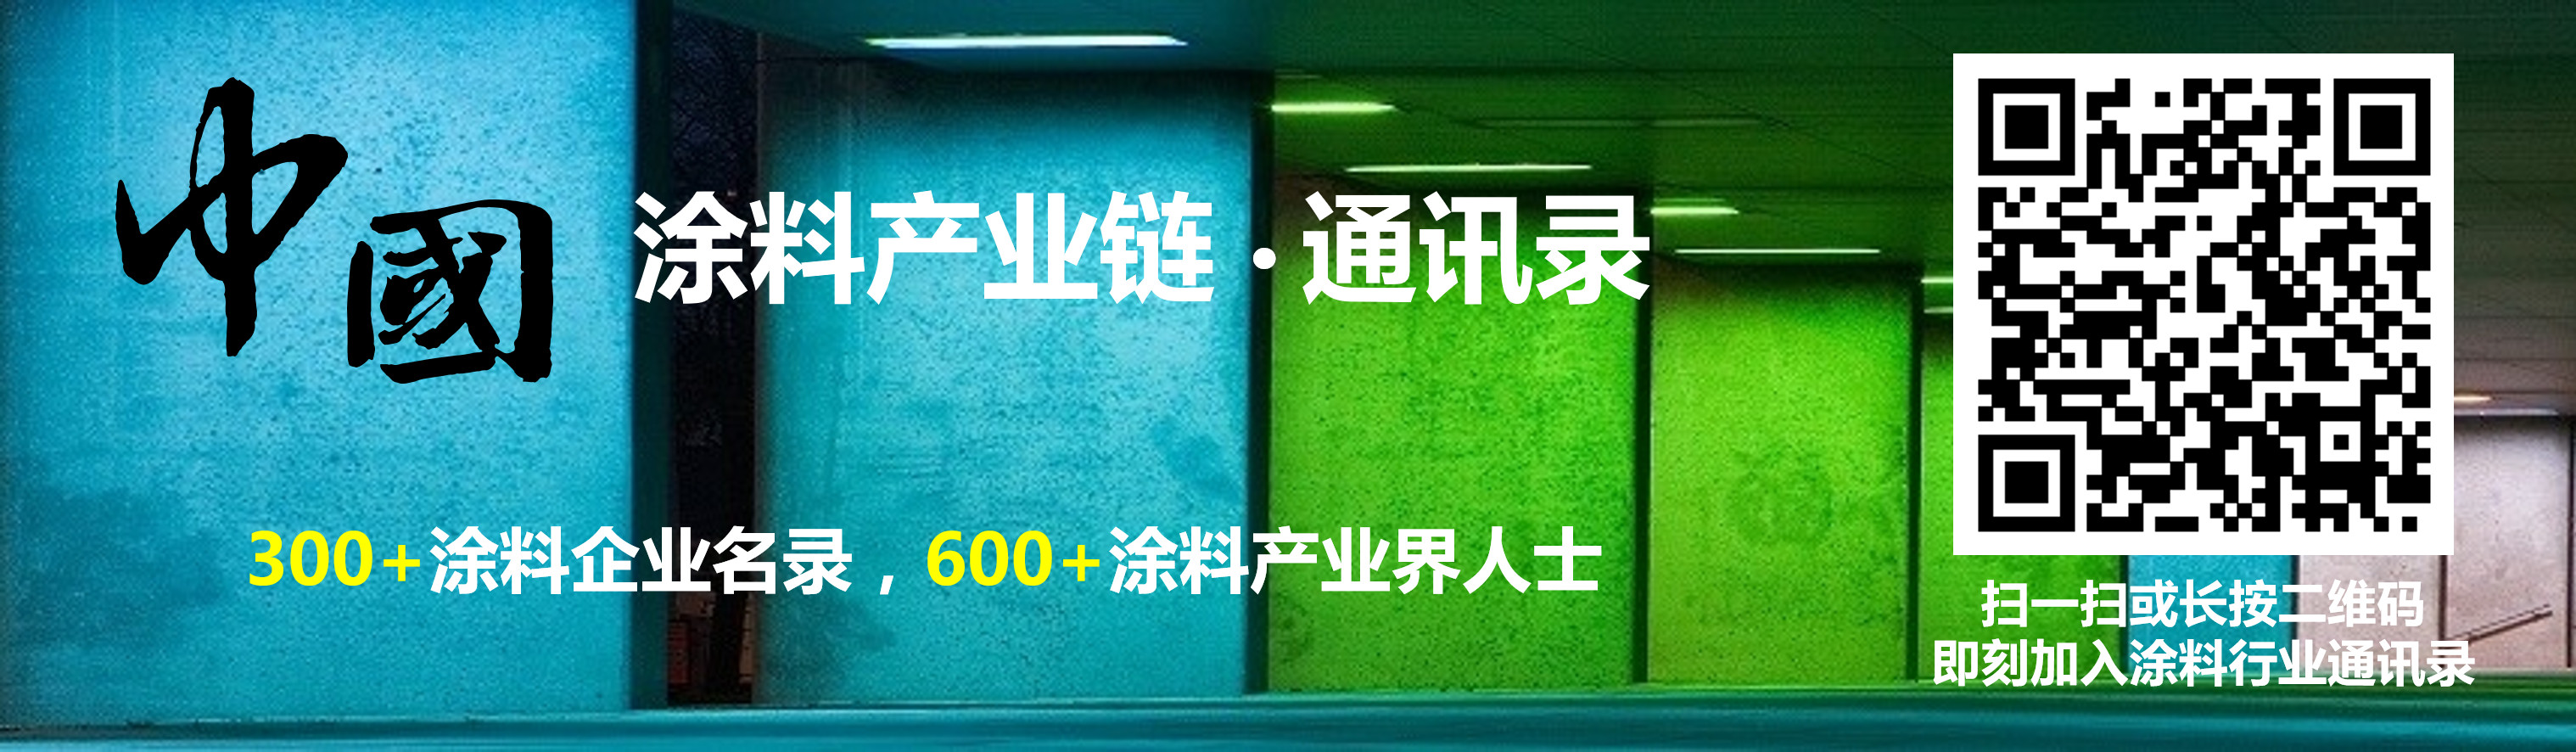 涂料产业链通讯录